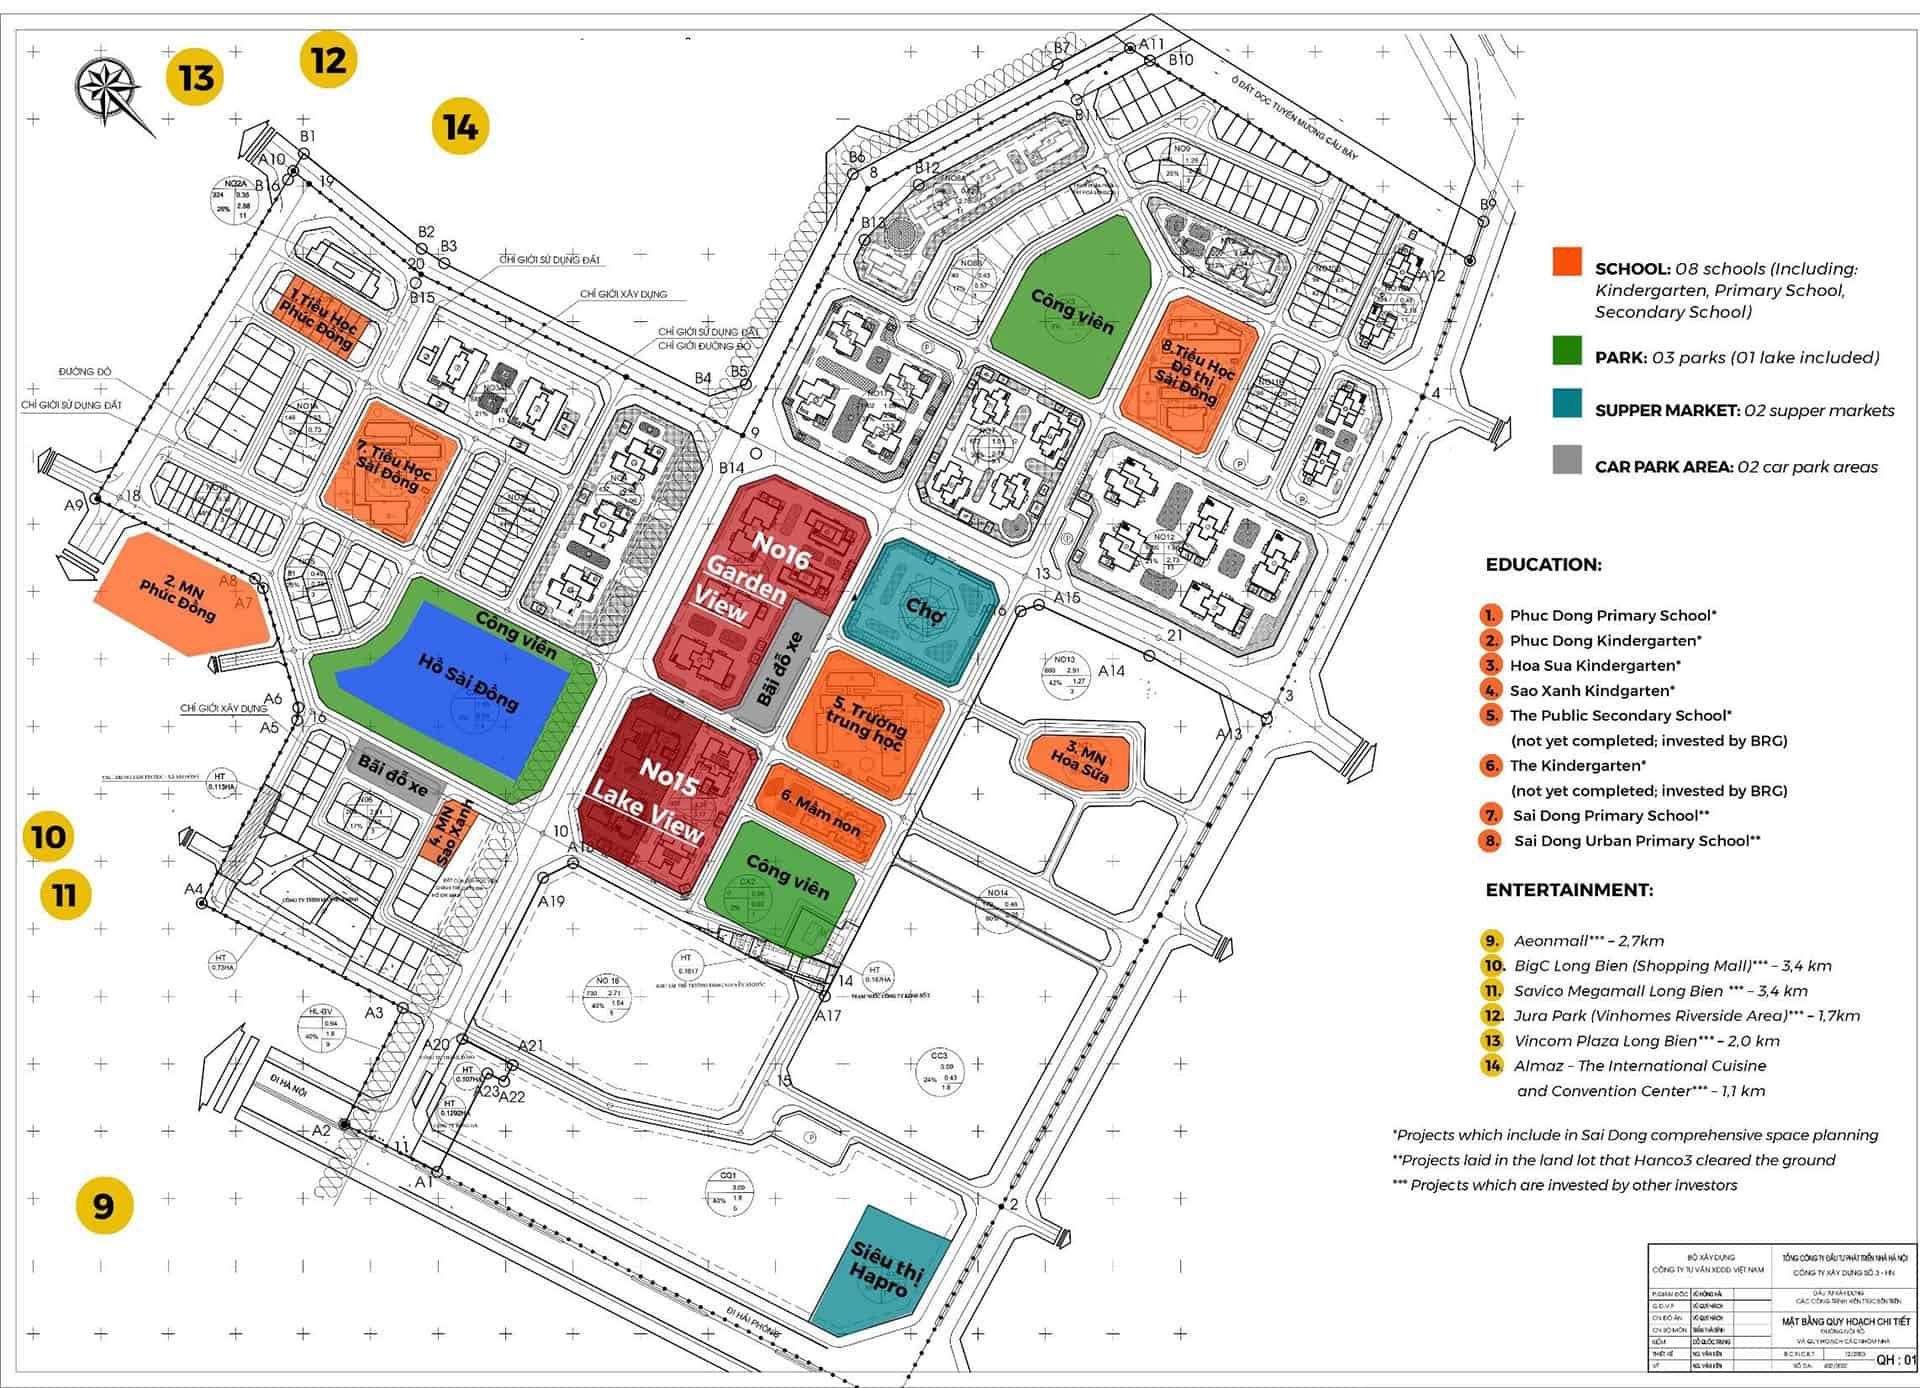 quy hoạch dự án chung cư le grand jardin no15 no16 sai đồng long biên BRG Group